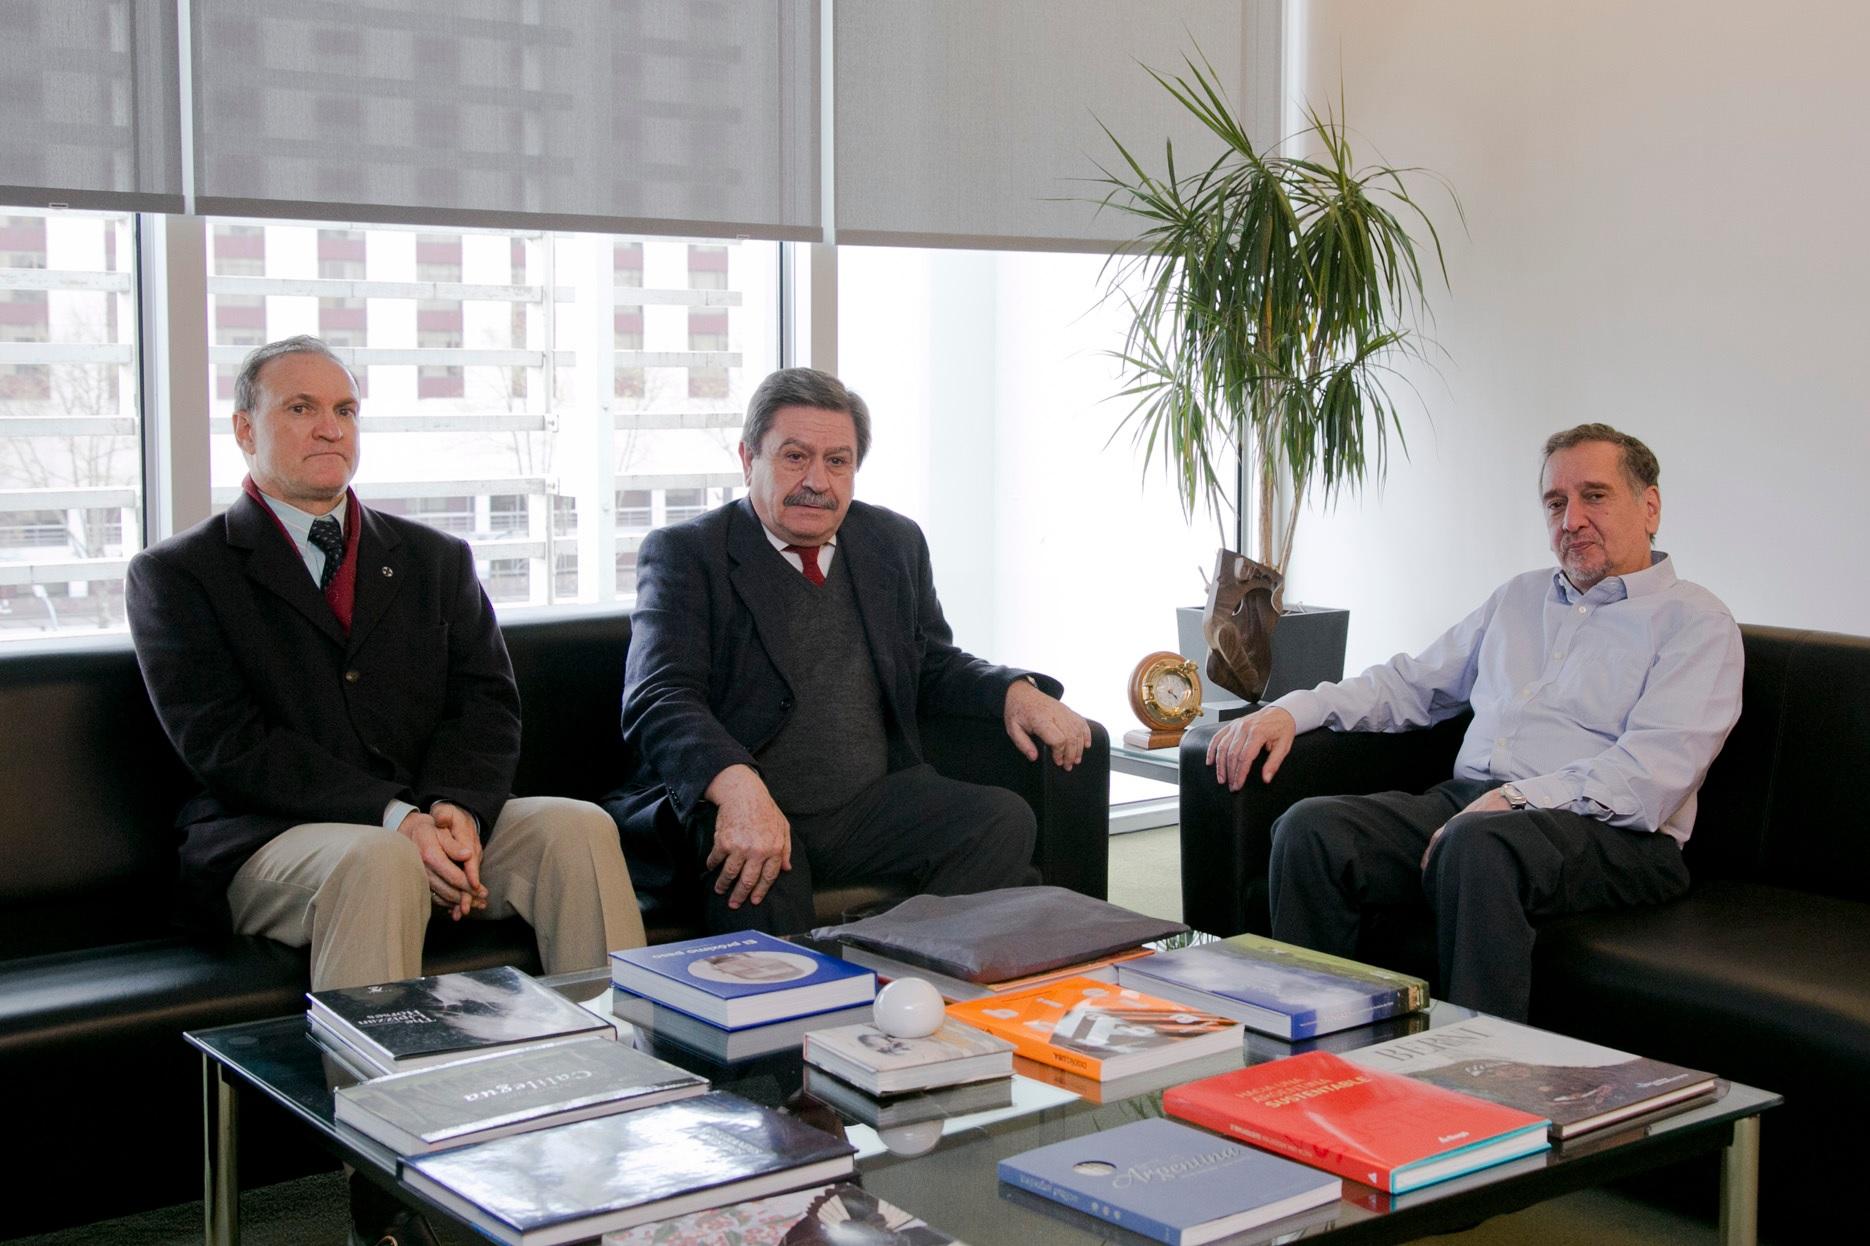 Reunión con el Ministro Dr. Lino Barañao